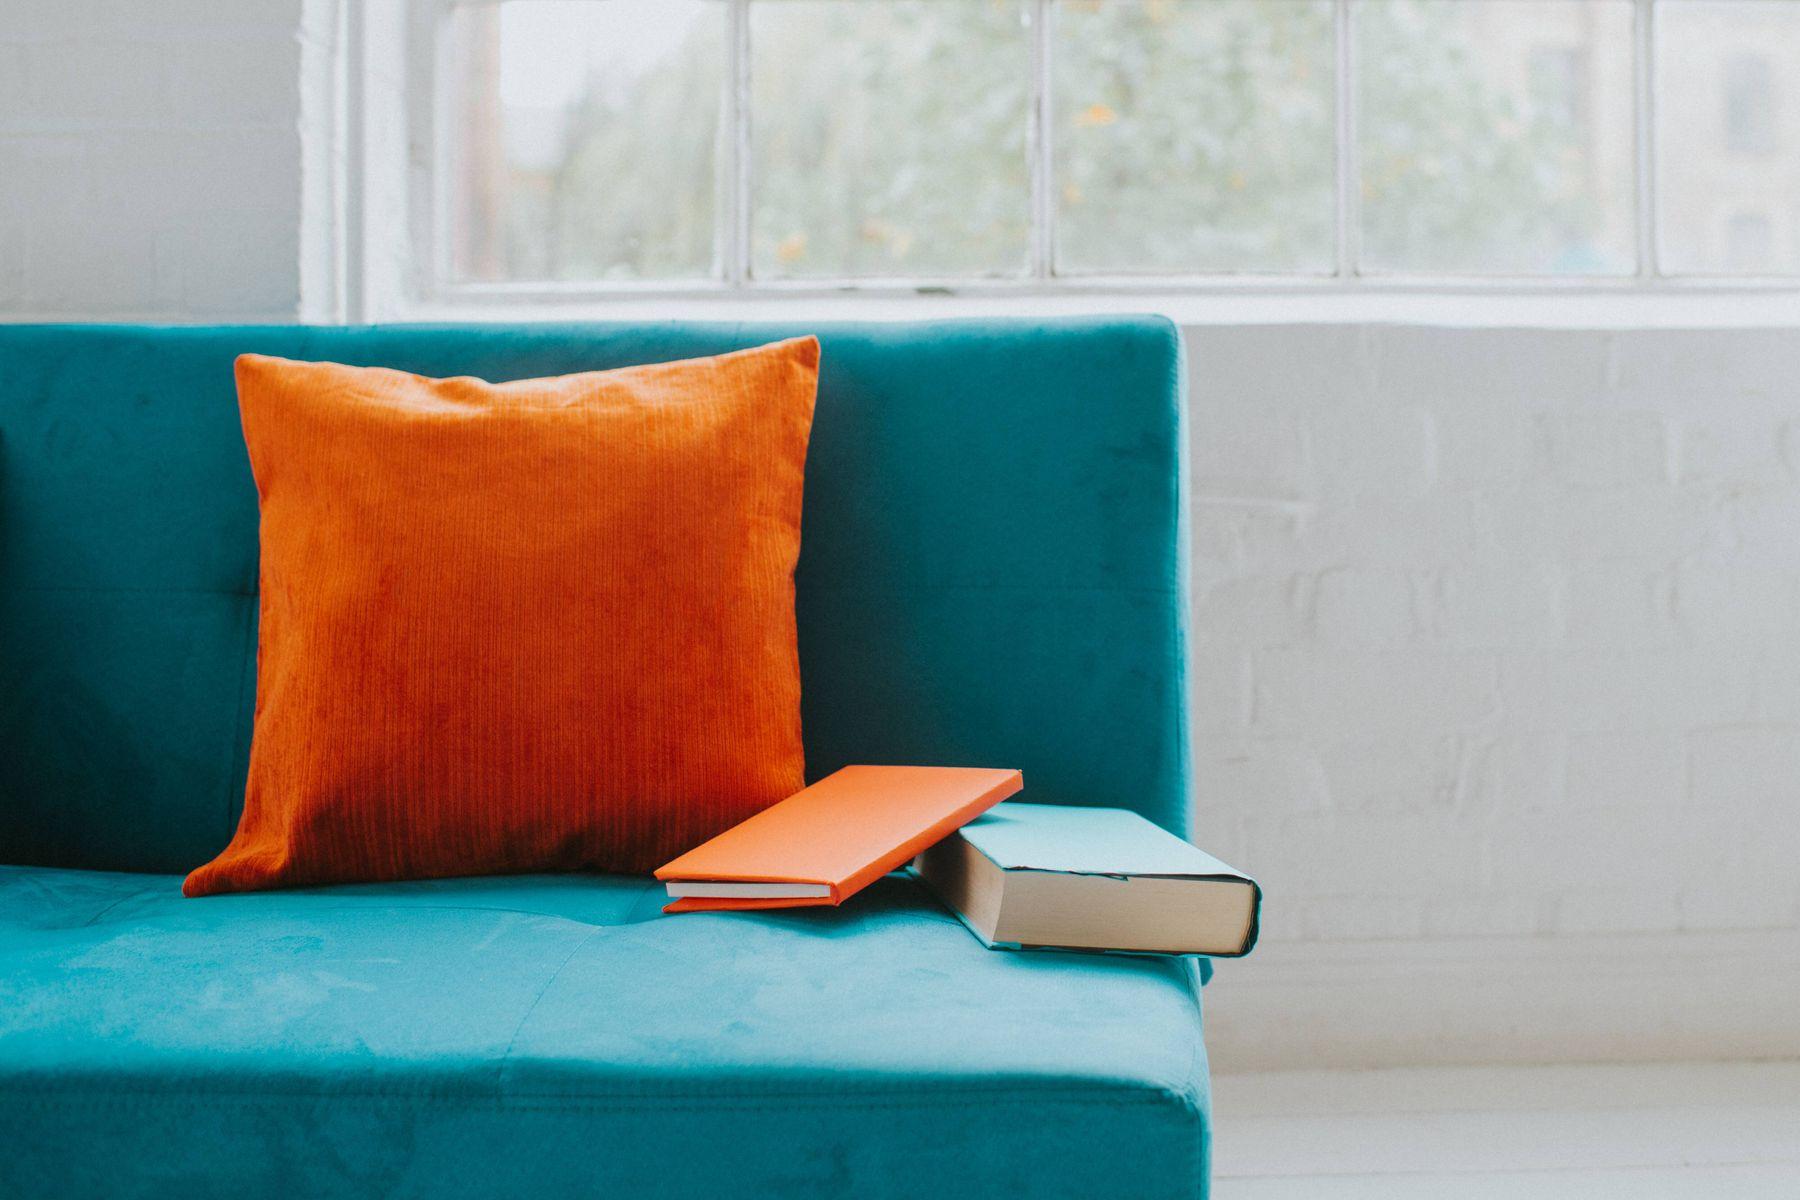 sofá azul com uma almofada laranja e com dois livros, perto de parede branca com janela